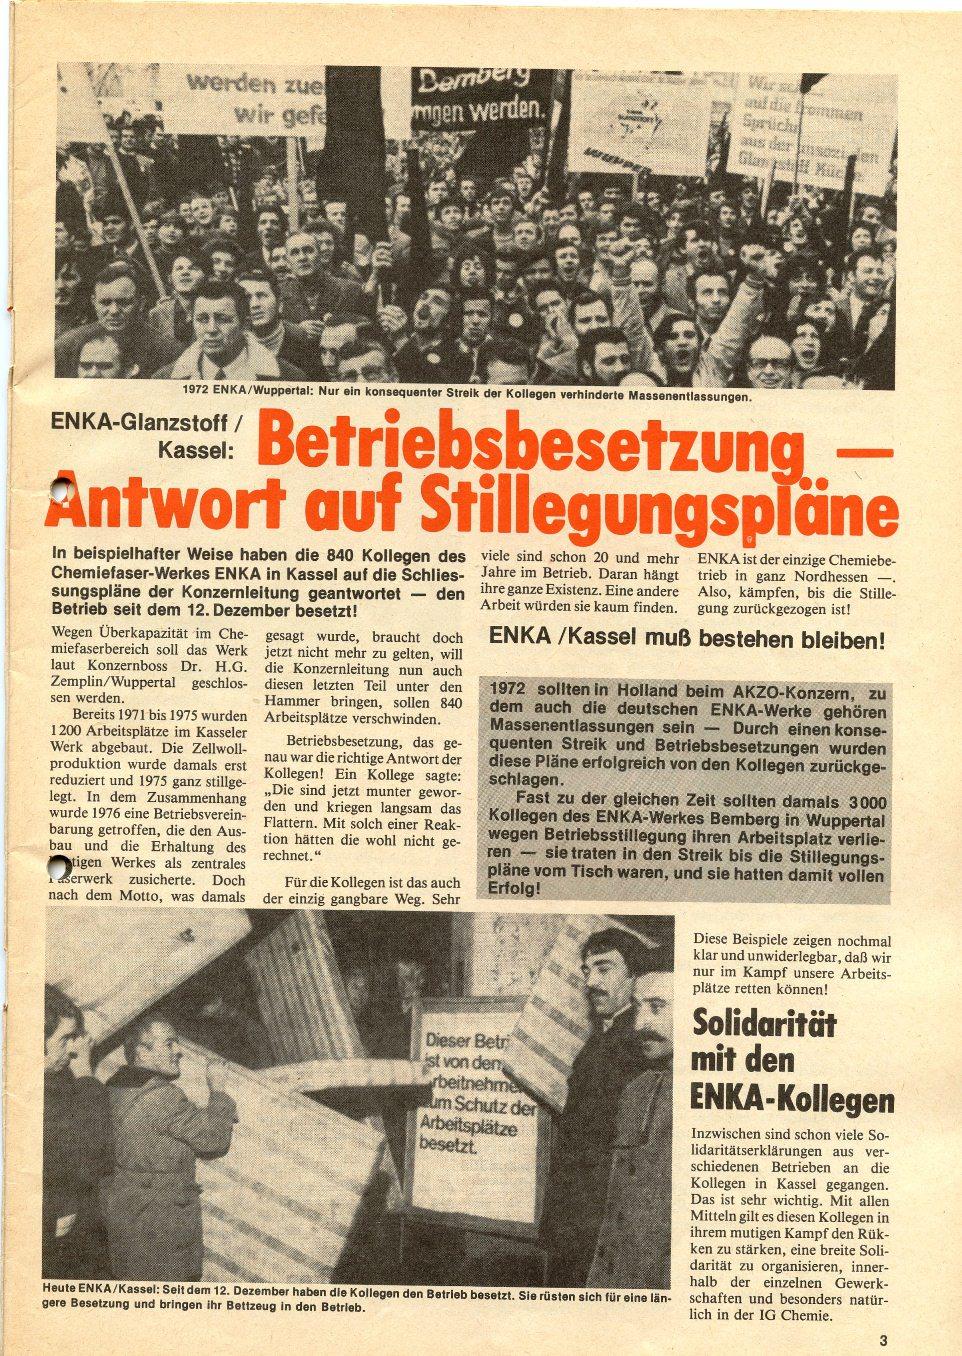 RGO_RGO_Nachrichten_1981_01_03